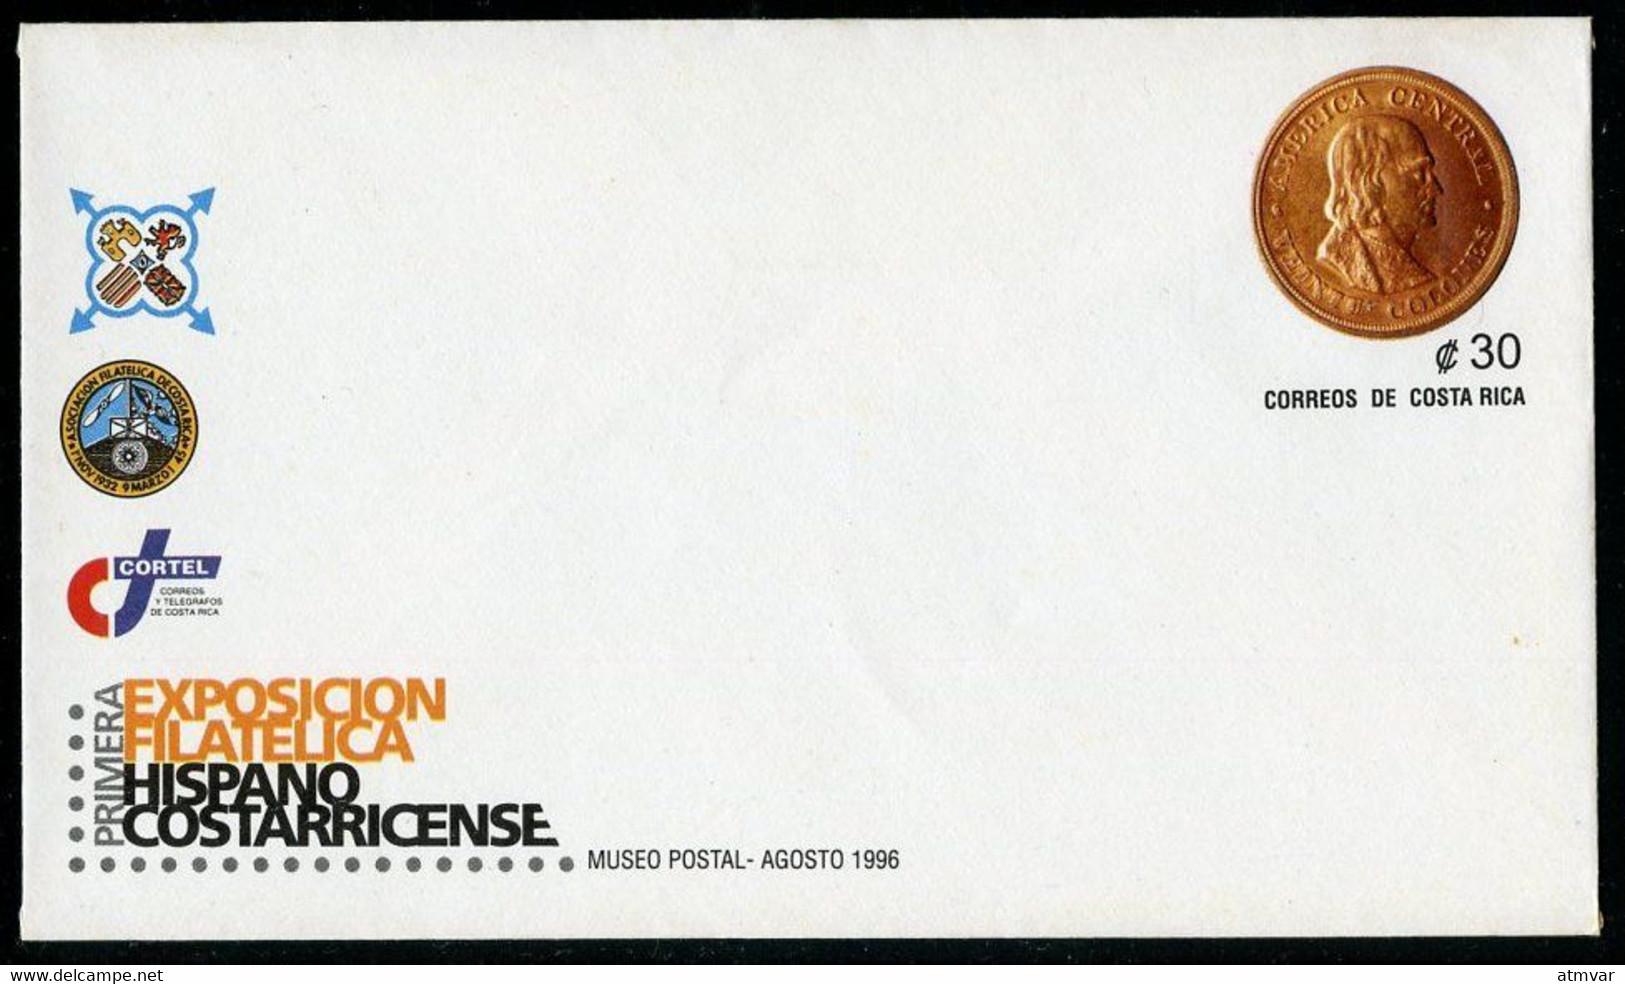 COSTA RICA (1996) - Primera Exposición Filatélica Hispano Costarricense - Enteropostal / Postal Stationnery - Gold Coin - Costa Rica